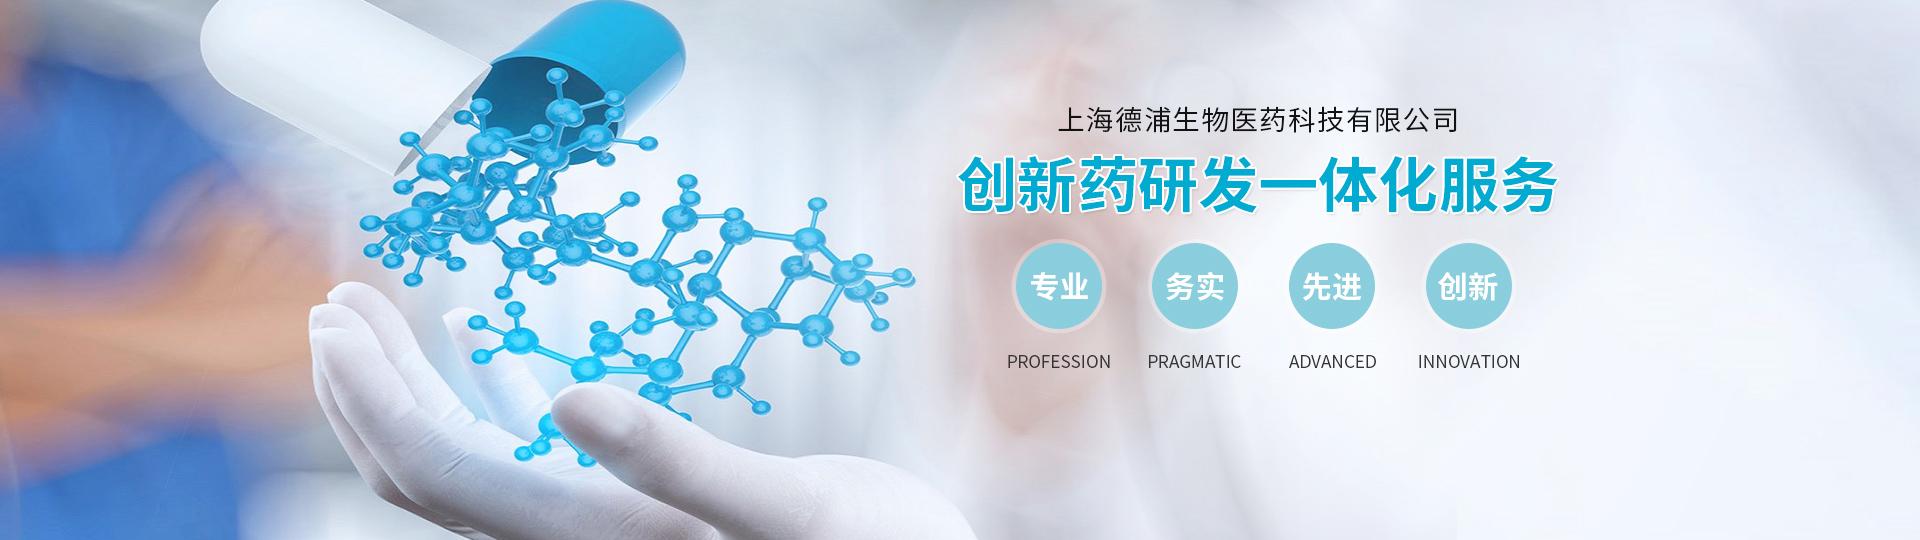 創新藥研發一體化服務